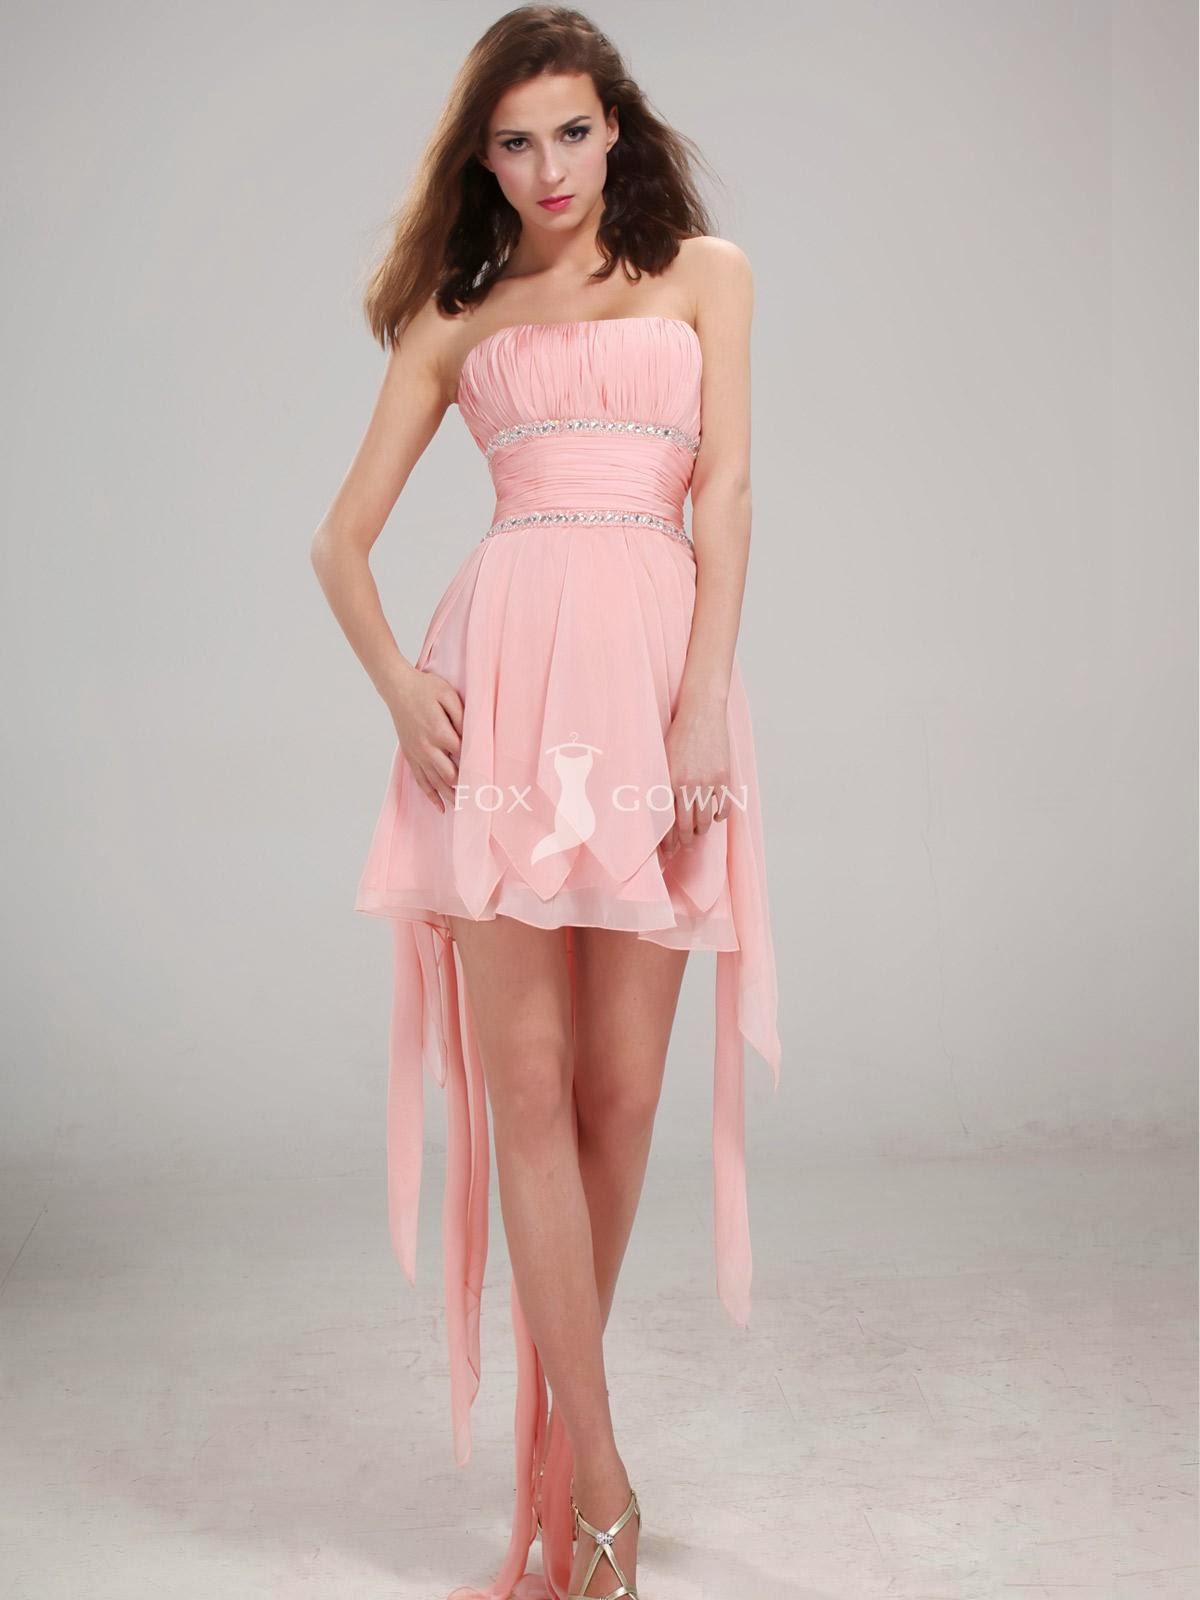 Vestidos de fiesta cortos | El vestido perfecto | Vestidos | Moda ...